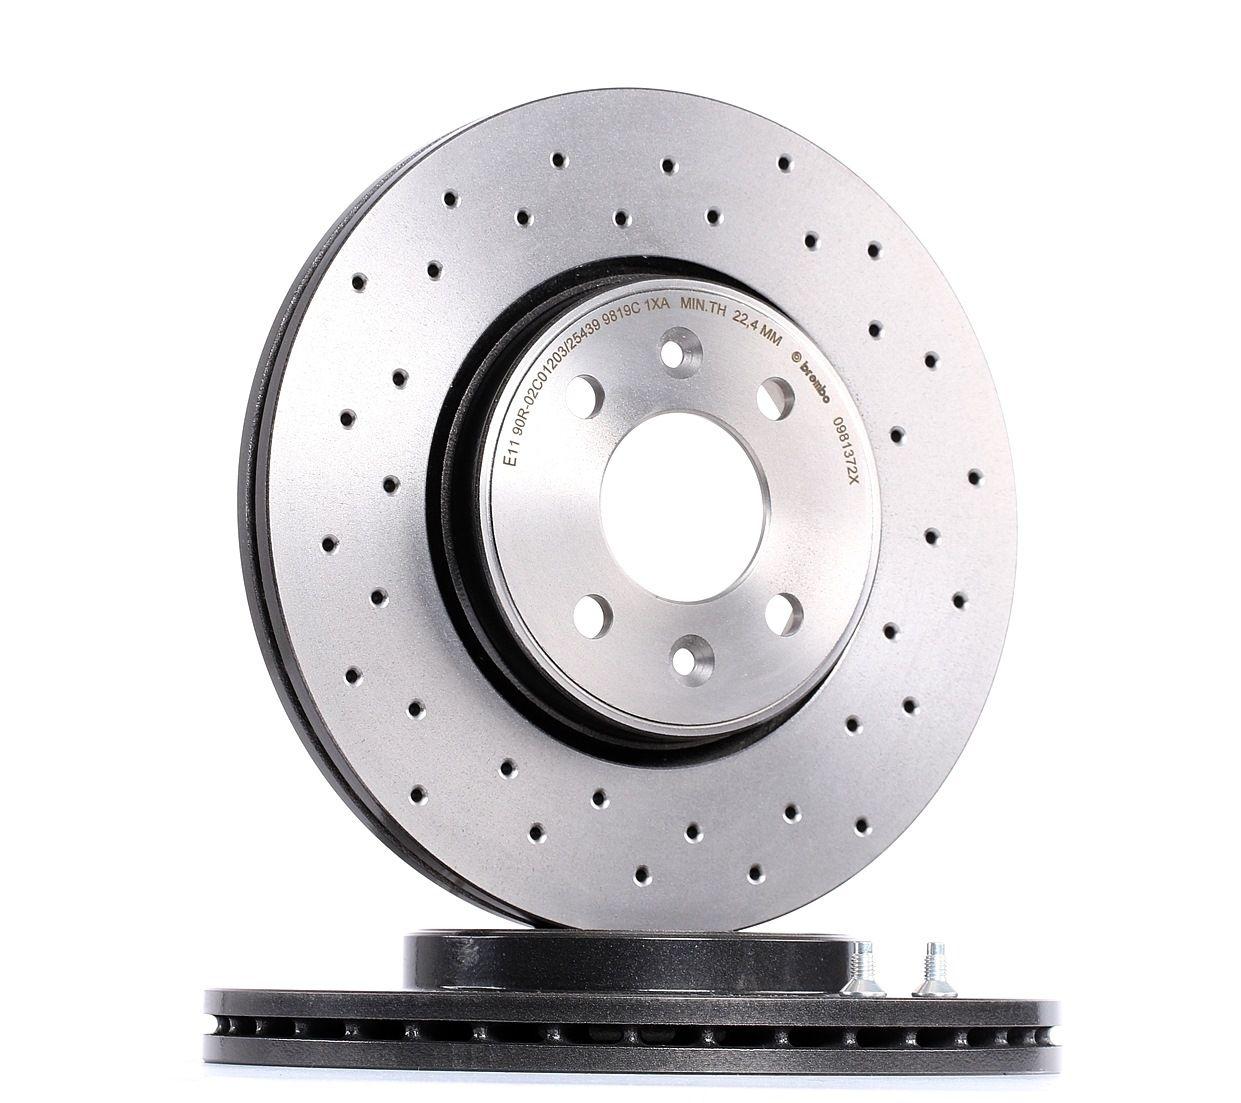 Achetez Disques de frein BREMBO 09.8137.2X (Ø: 280mm, Nbre de trous: 4, Épaisseur du disque de frein: 24mm) à un rapport qualité-prix exceptionnel